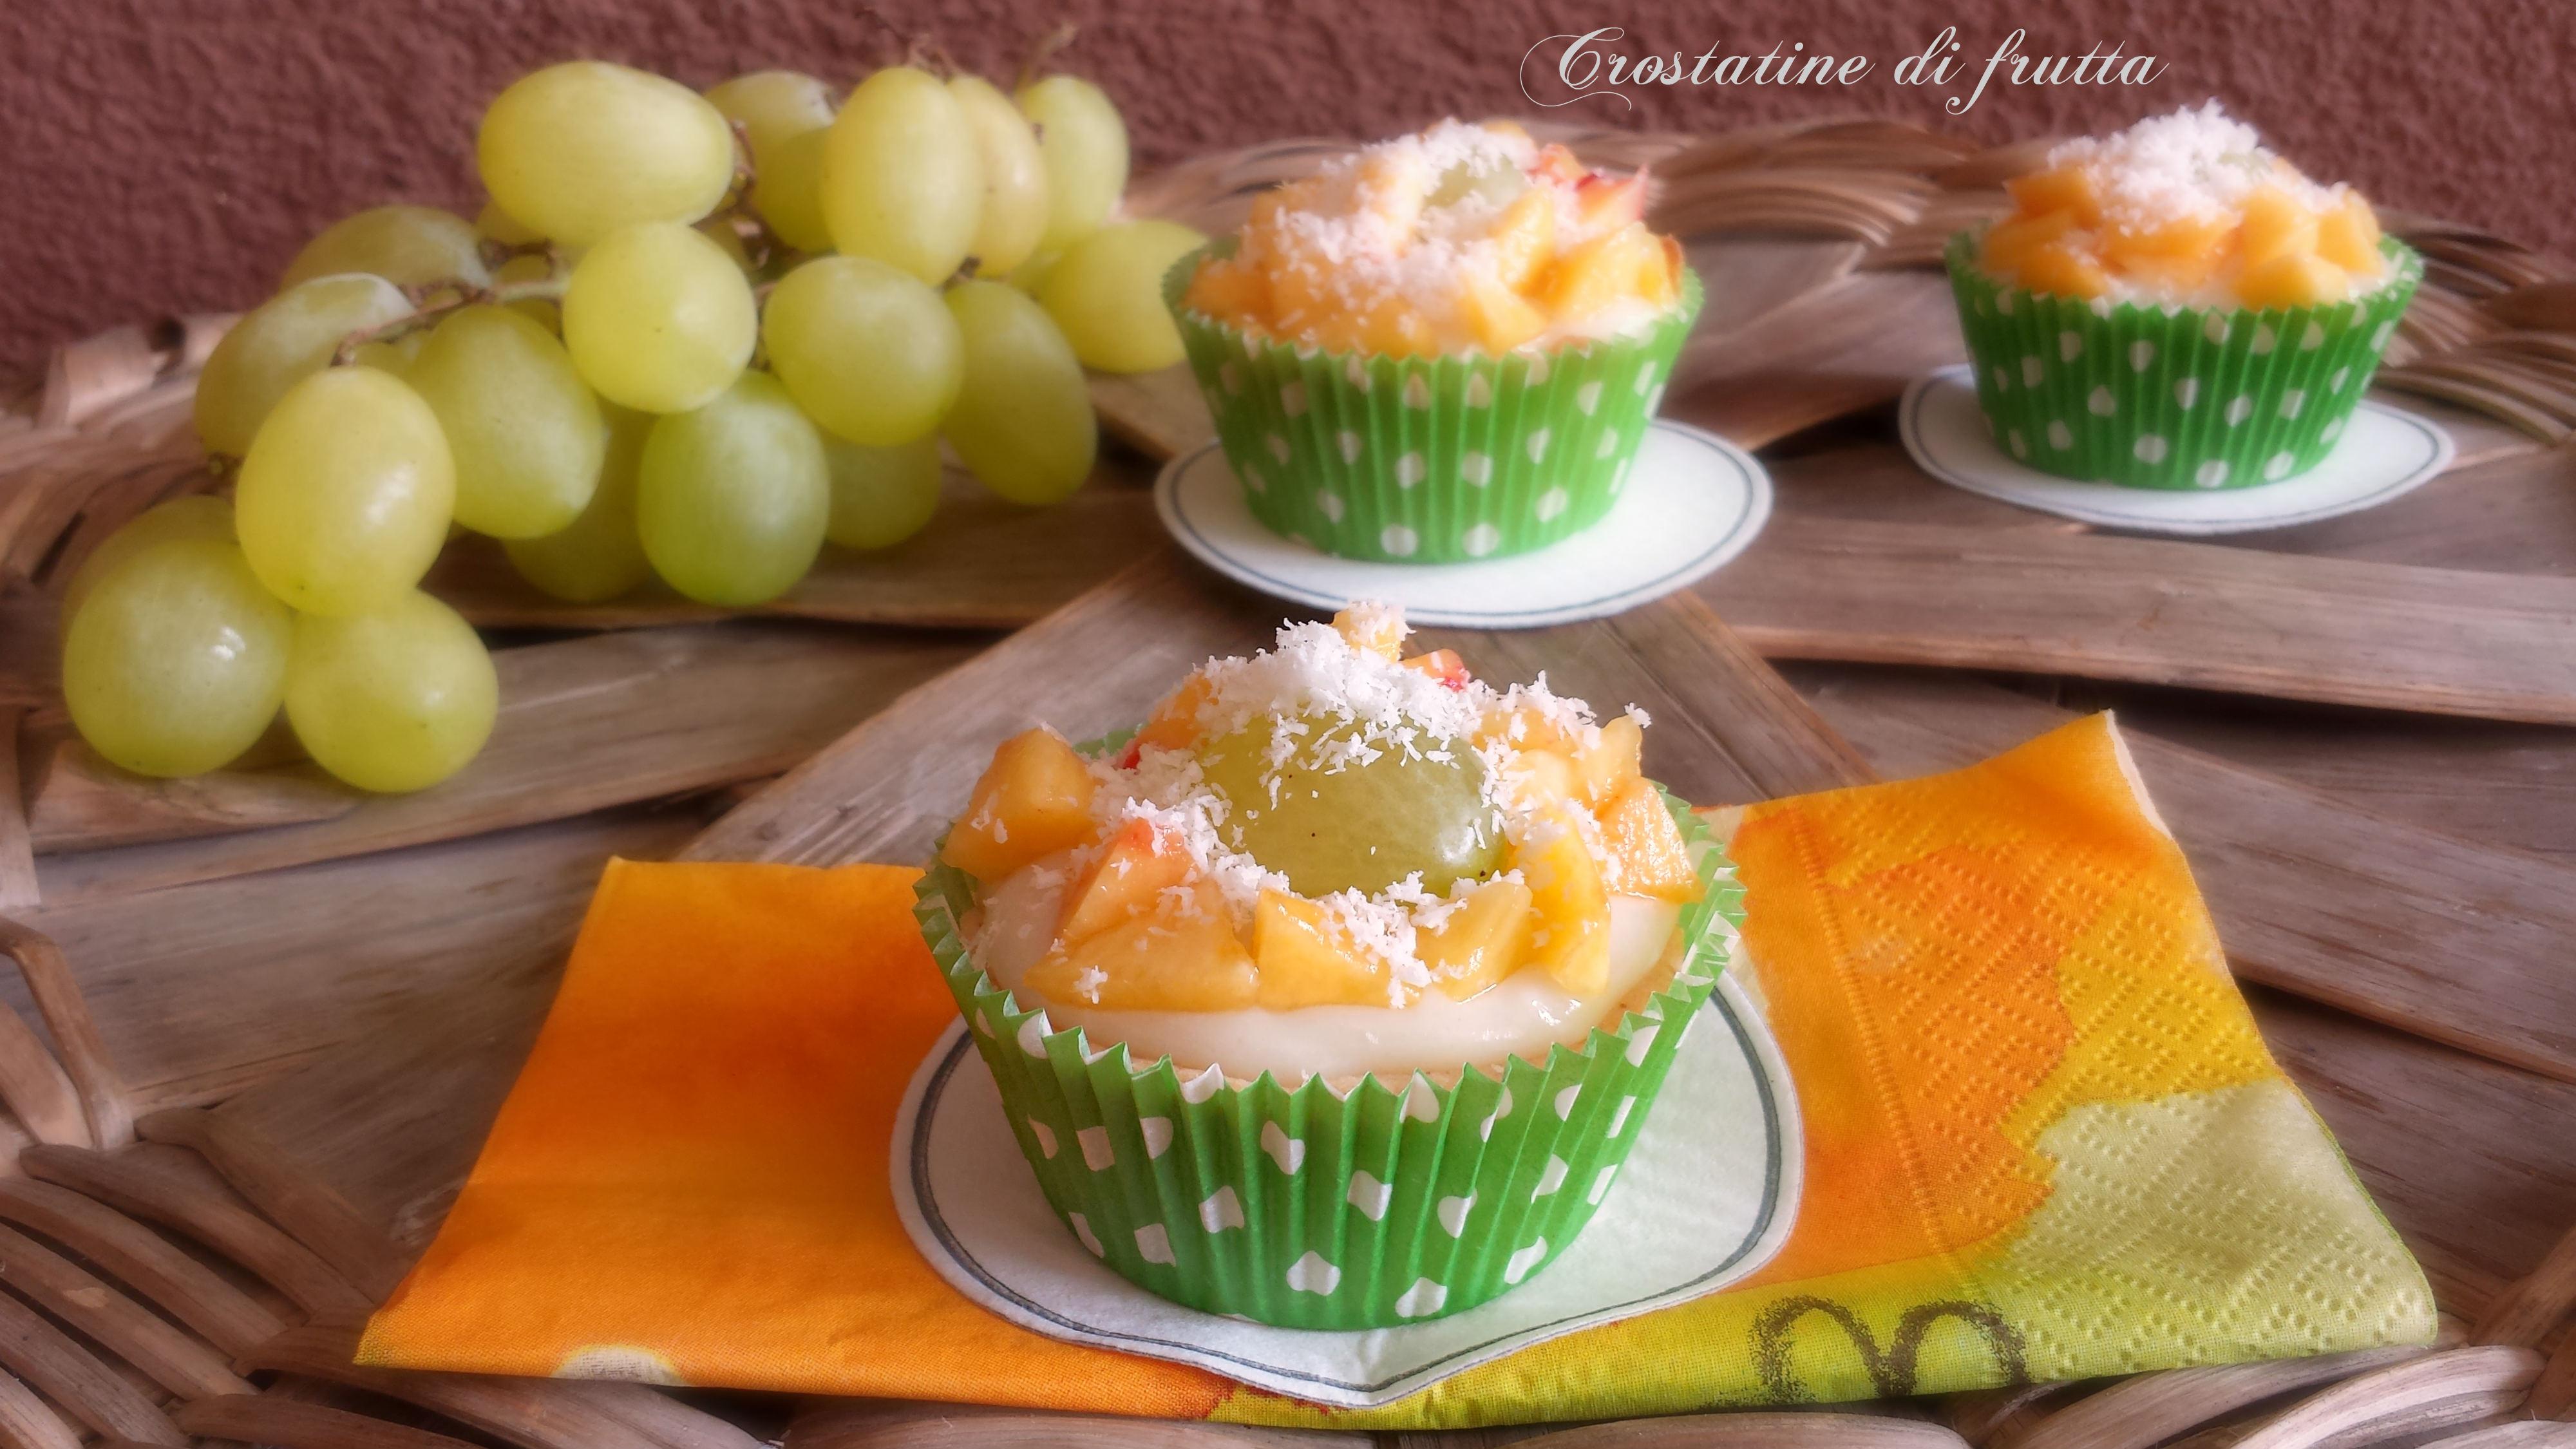 La frutta fresca in tavola in estate in inverno come for Frutta con la o iniziale